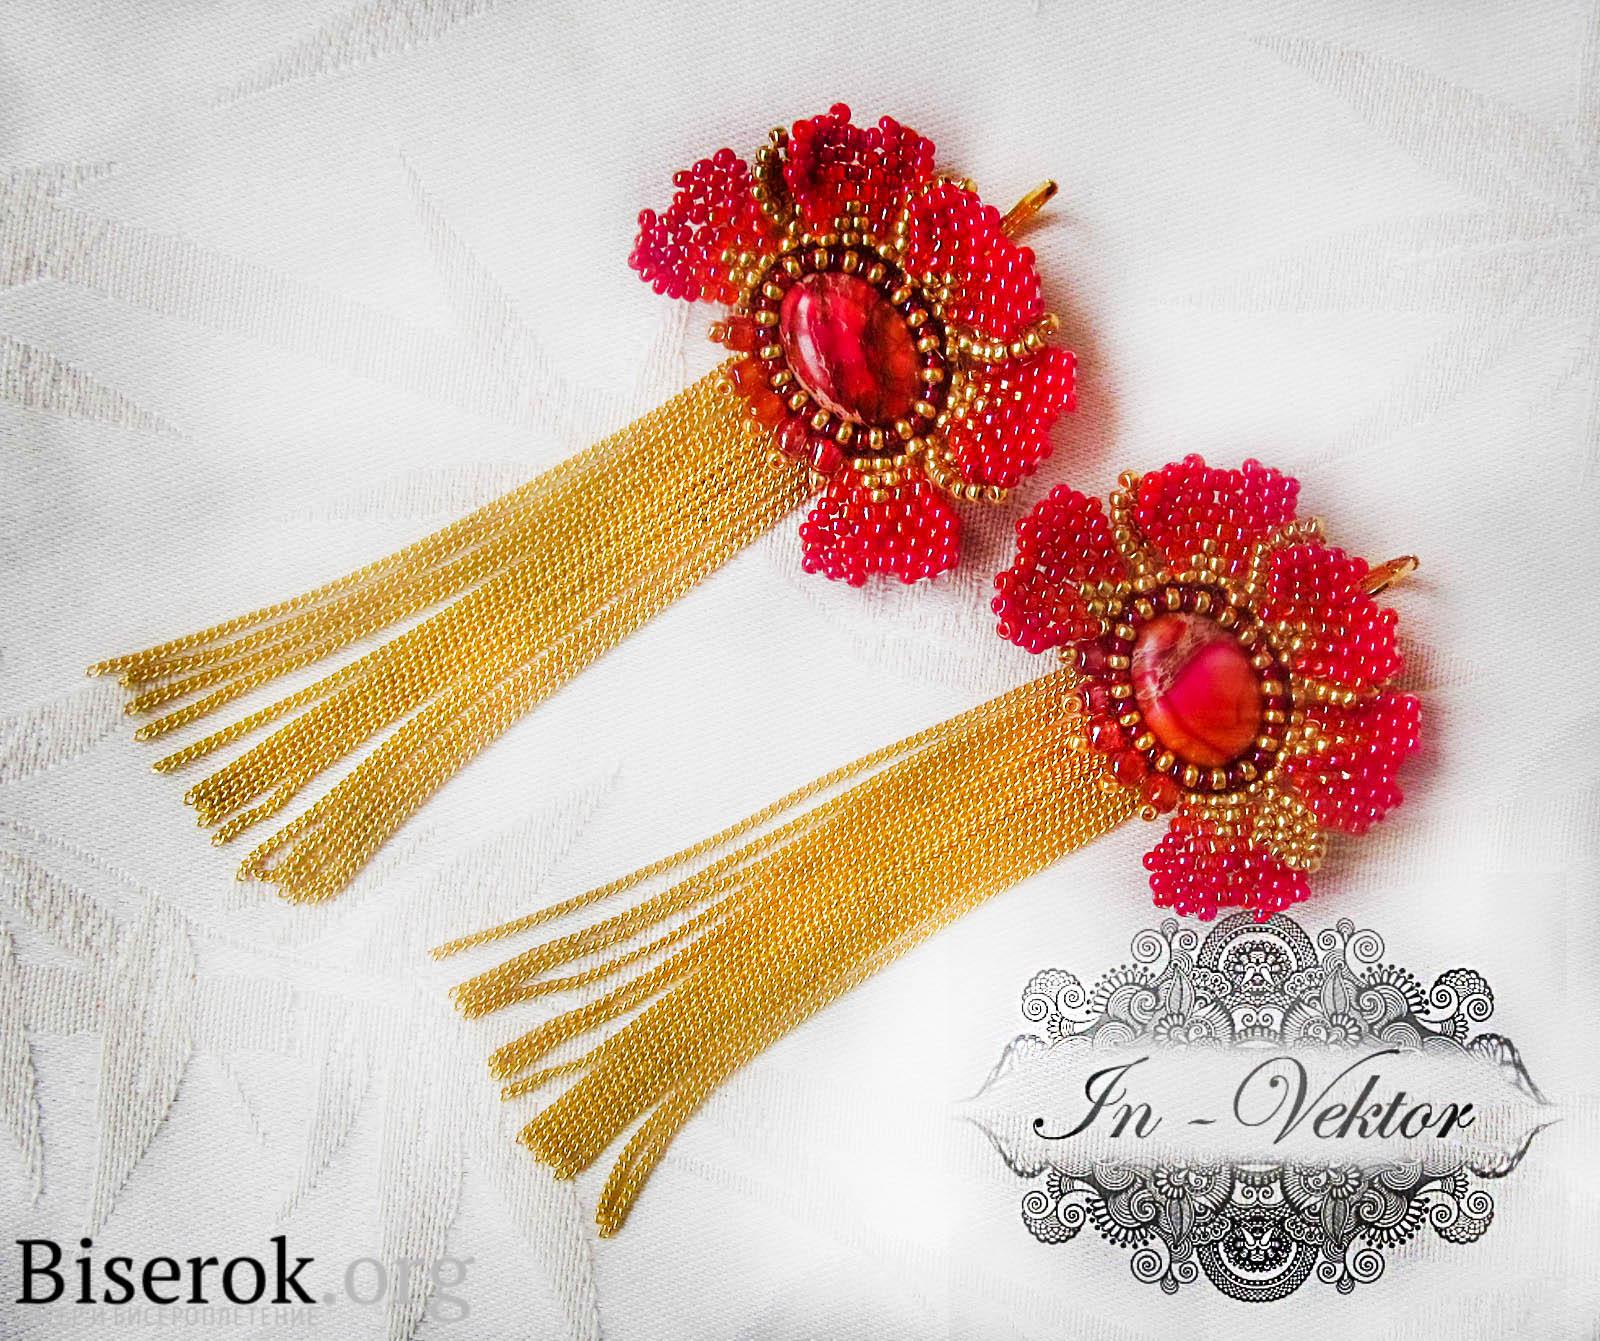 Учимся плести красные серьги из бисера в виде цветков. .  Самодельные сережки, плетем из бисера.